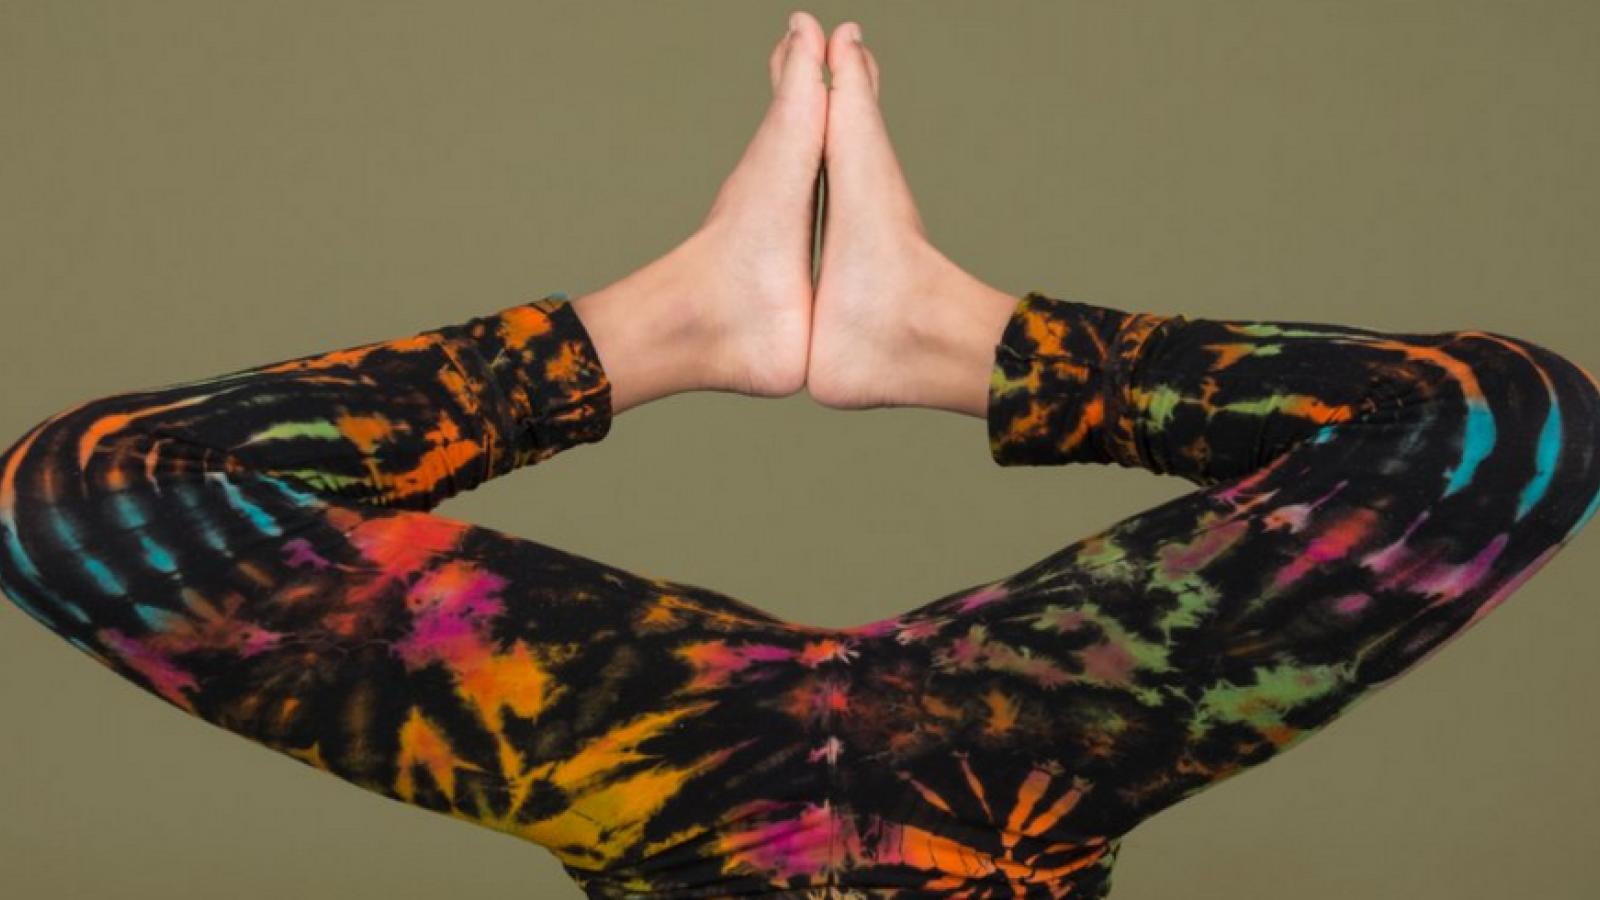 legs upside down in yoga pants